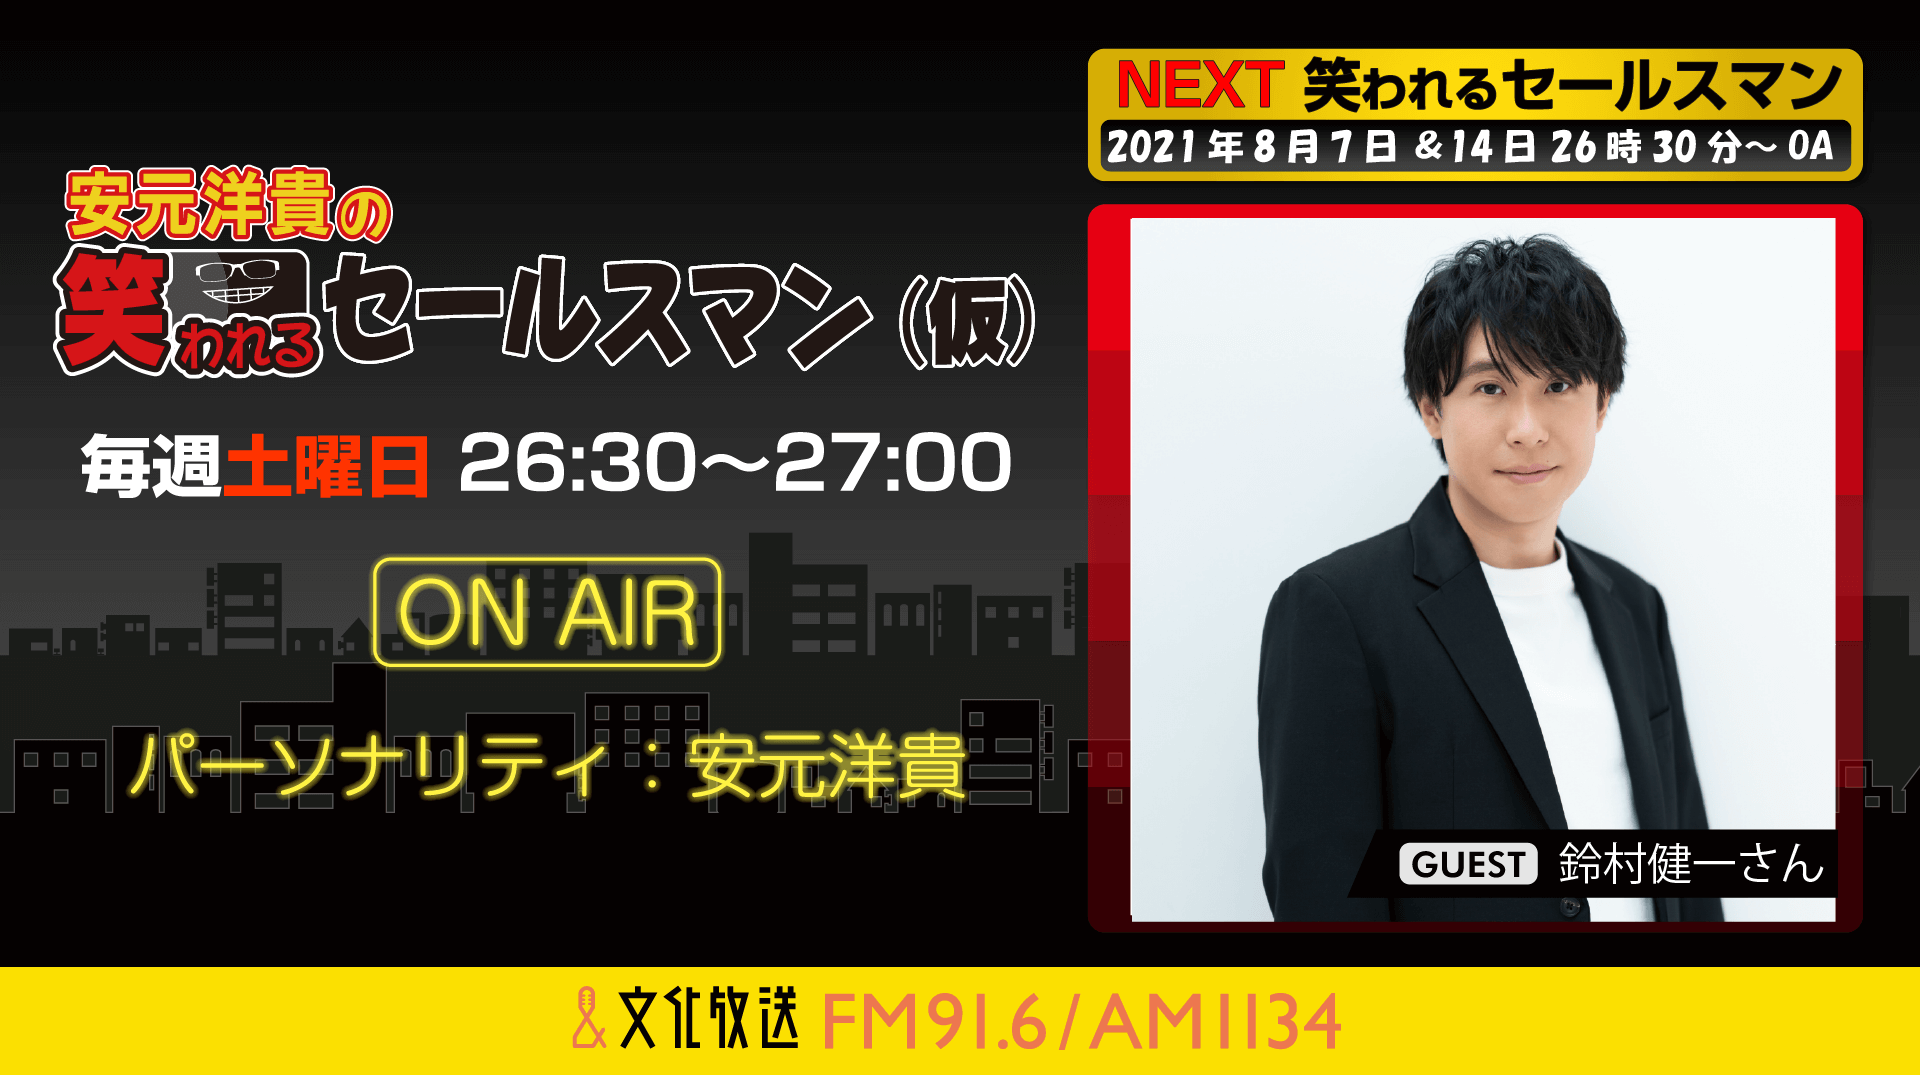 8月14日の放送には、鈴村健一さんがゲストに登場!『安元洋貴の笑われるセールスマン(仮)』